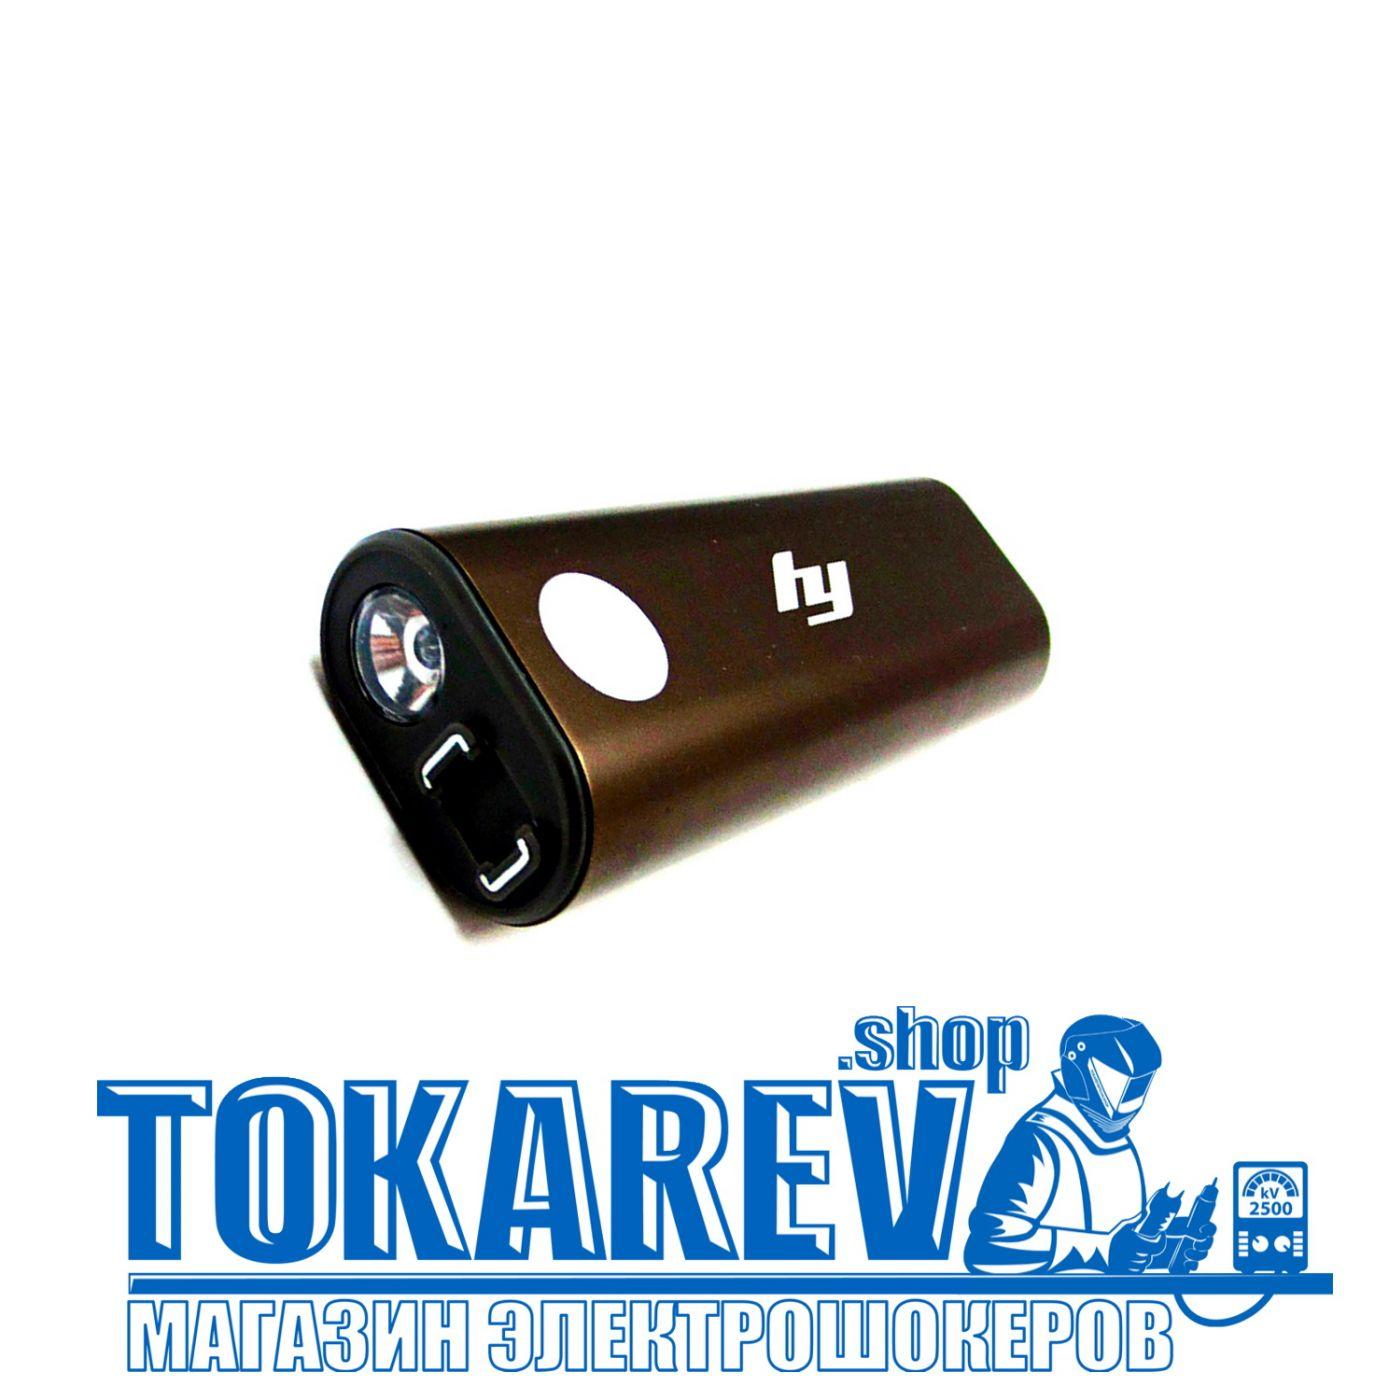 Электрошокер Женский шокер-аккумулятор HY-A1 (v.3 2019)